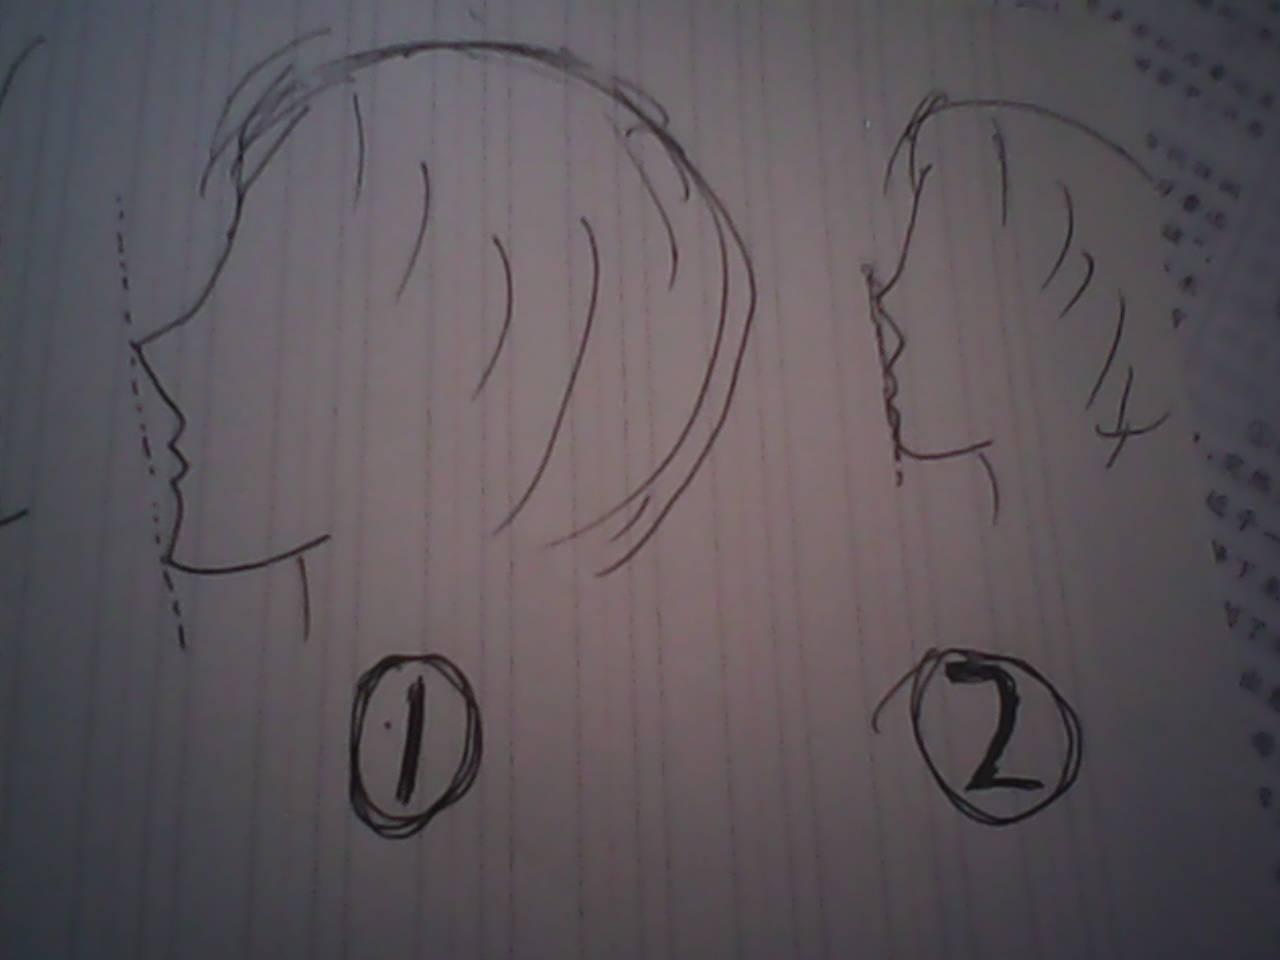 日漫脸型画法_人物…手绘漫画人物侧脸;动漫女生侧脸画法《动漫图片